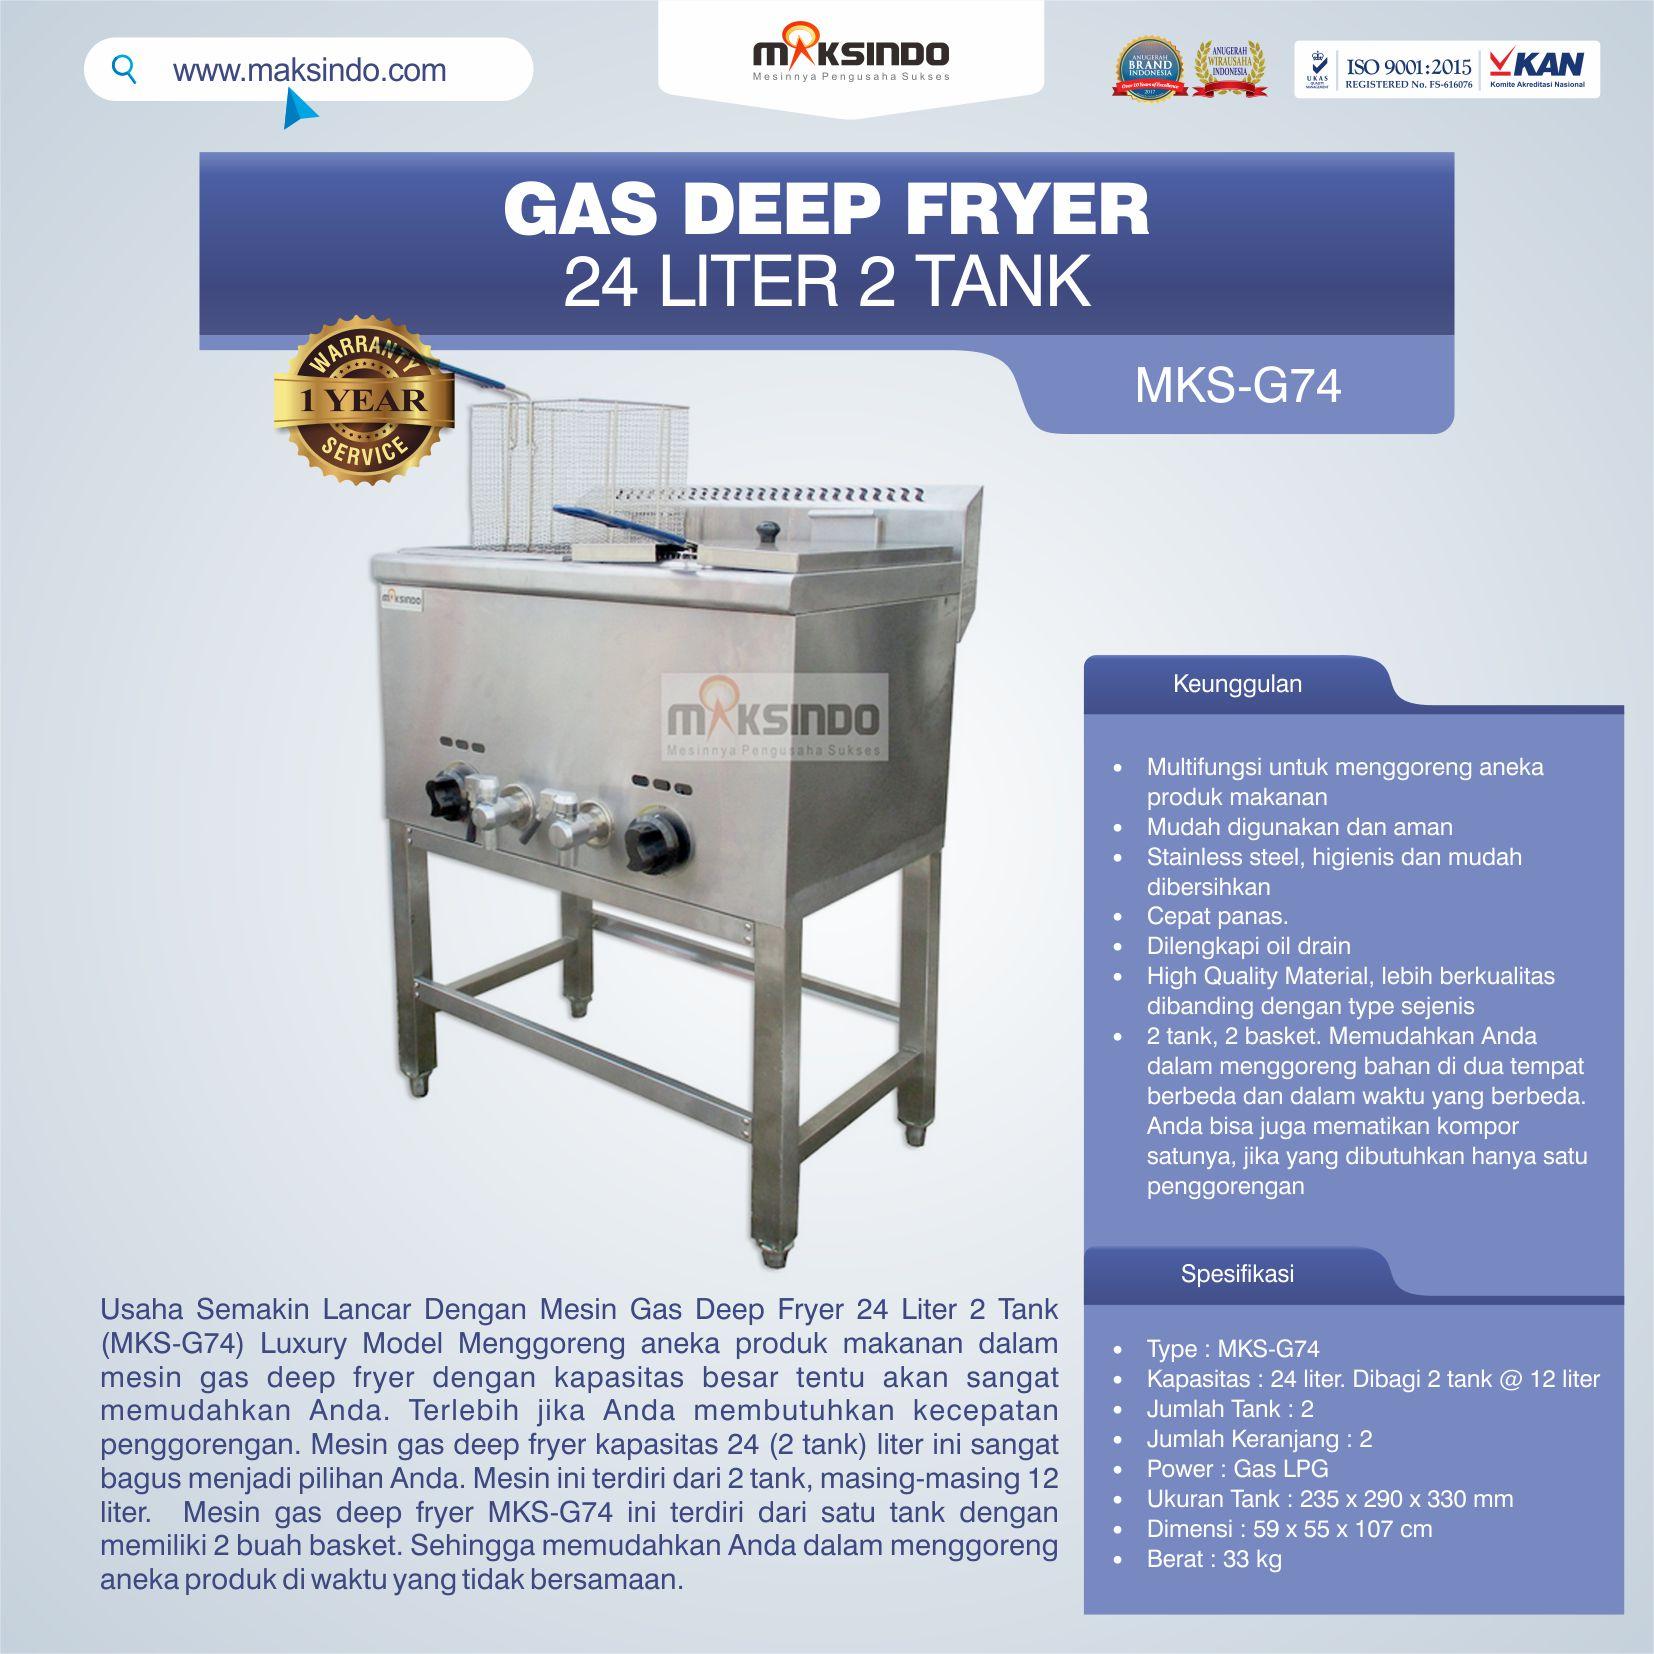 Jual Gas Deep Fryer 24 Liter 2 Tank (G74) di Bekasi